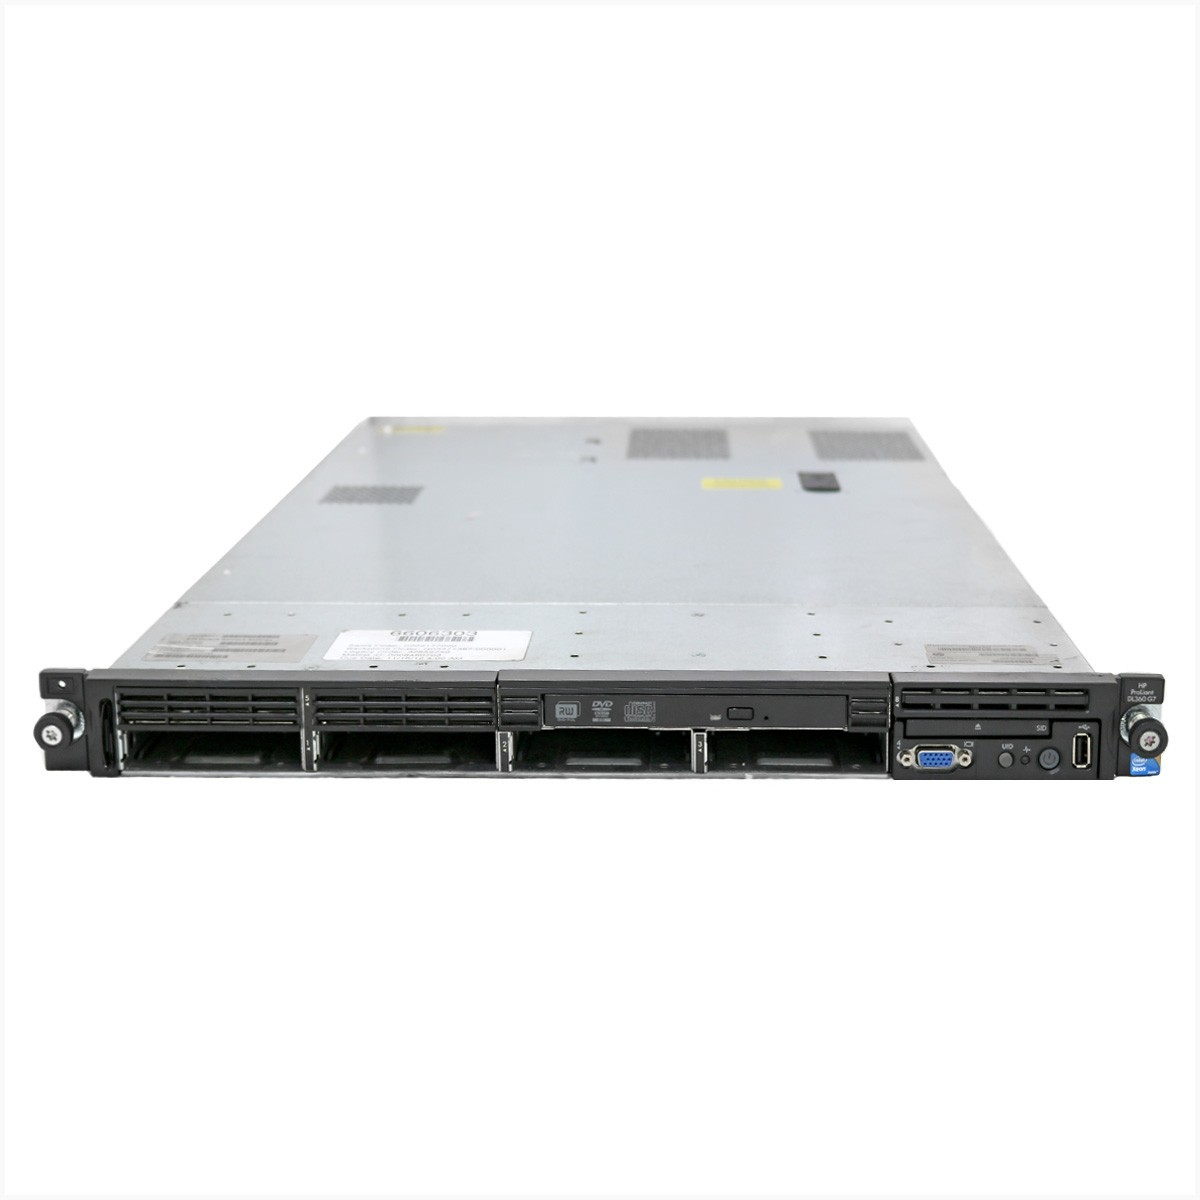 Servidor hp dl380 g7 xeon e5620 16gb 1tb - usado